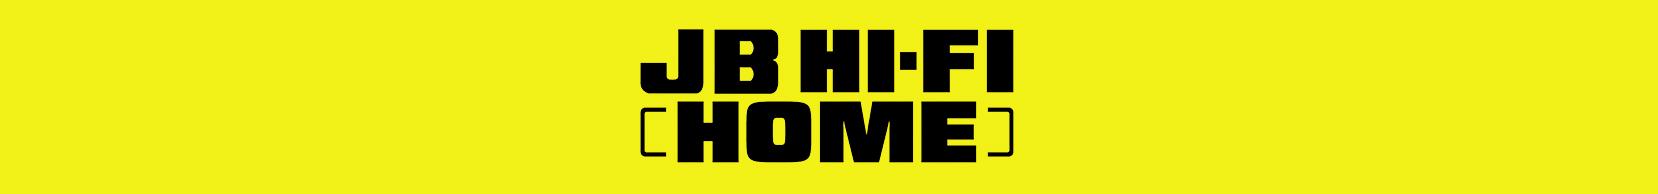 JB Hi-Fi Home